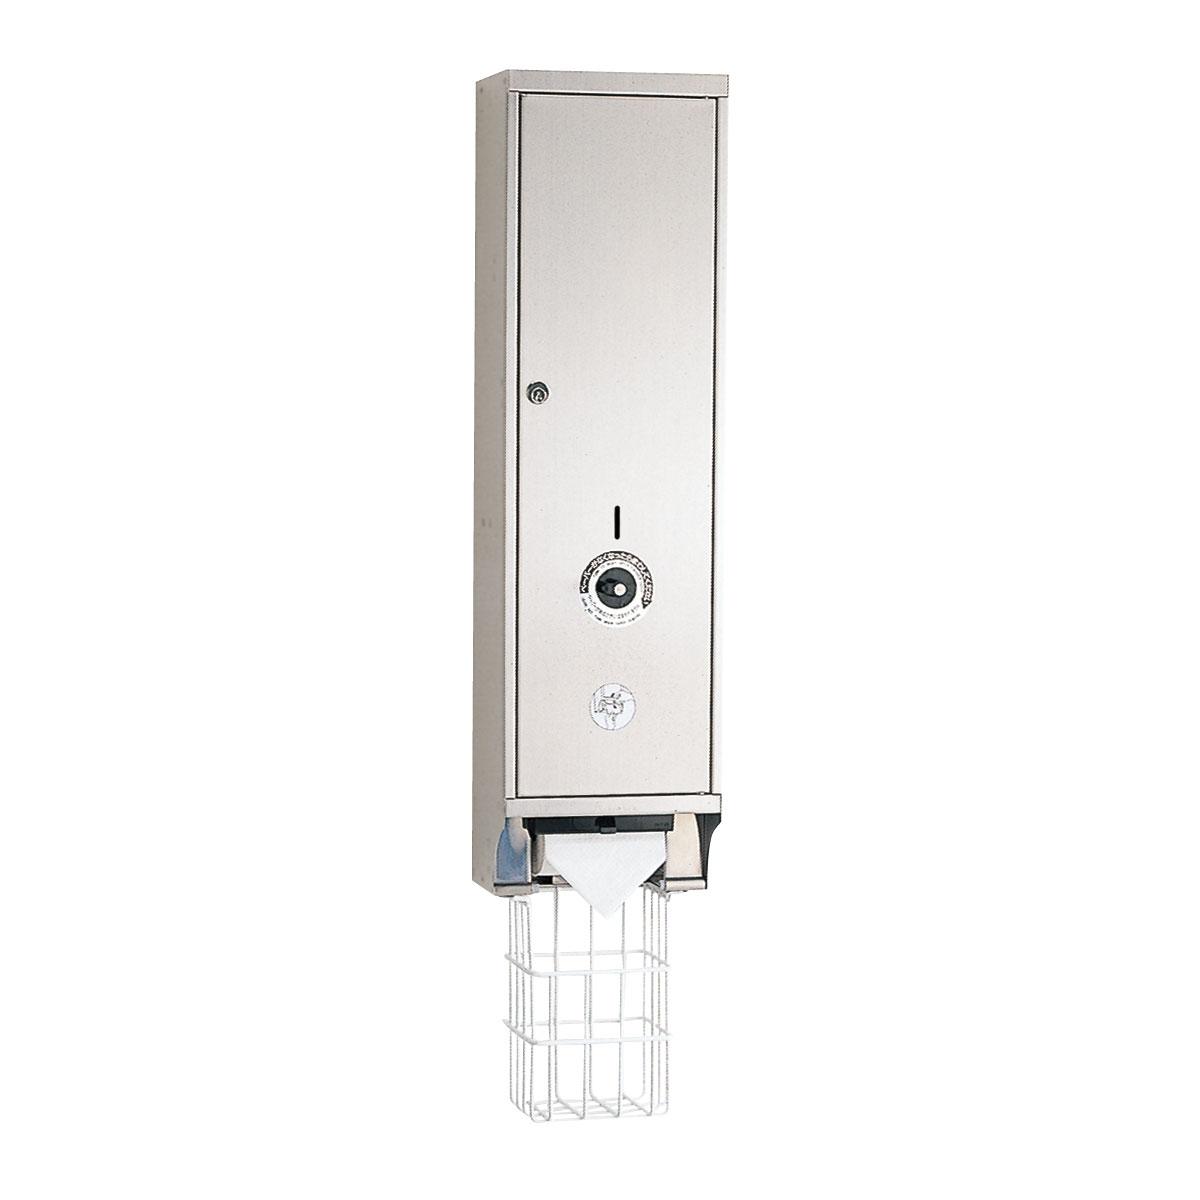 リラインス ボックス型ペーパーホルダー(6本用)露出型 R5506B